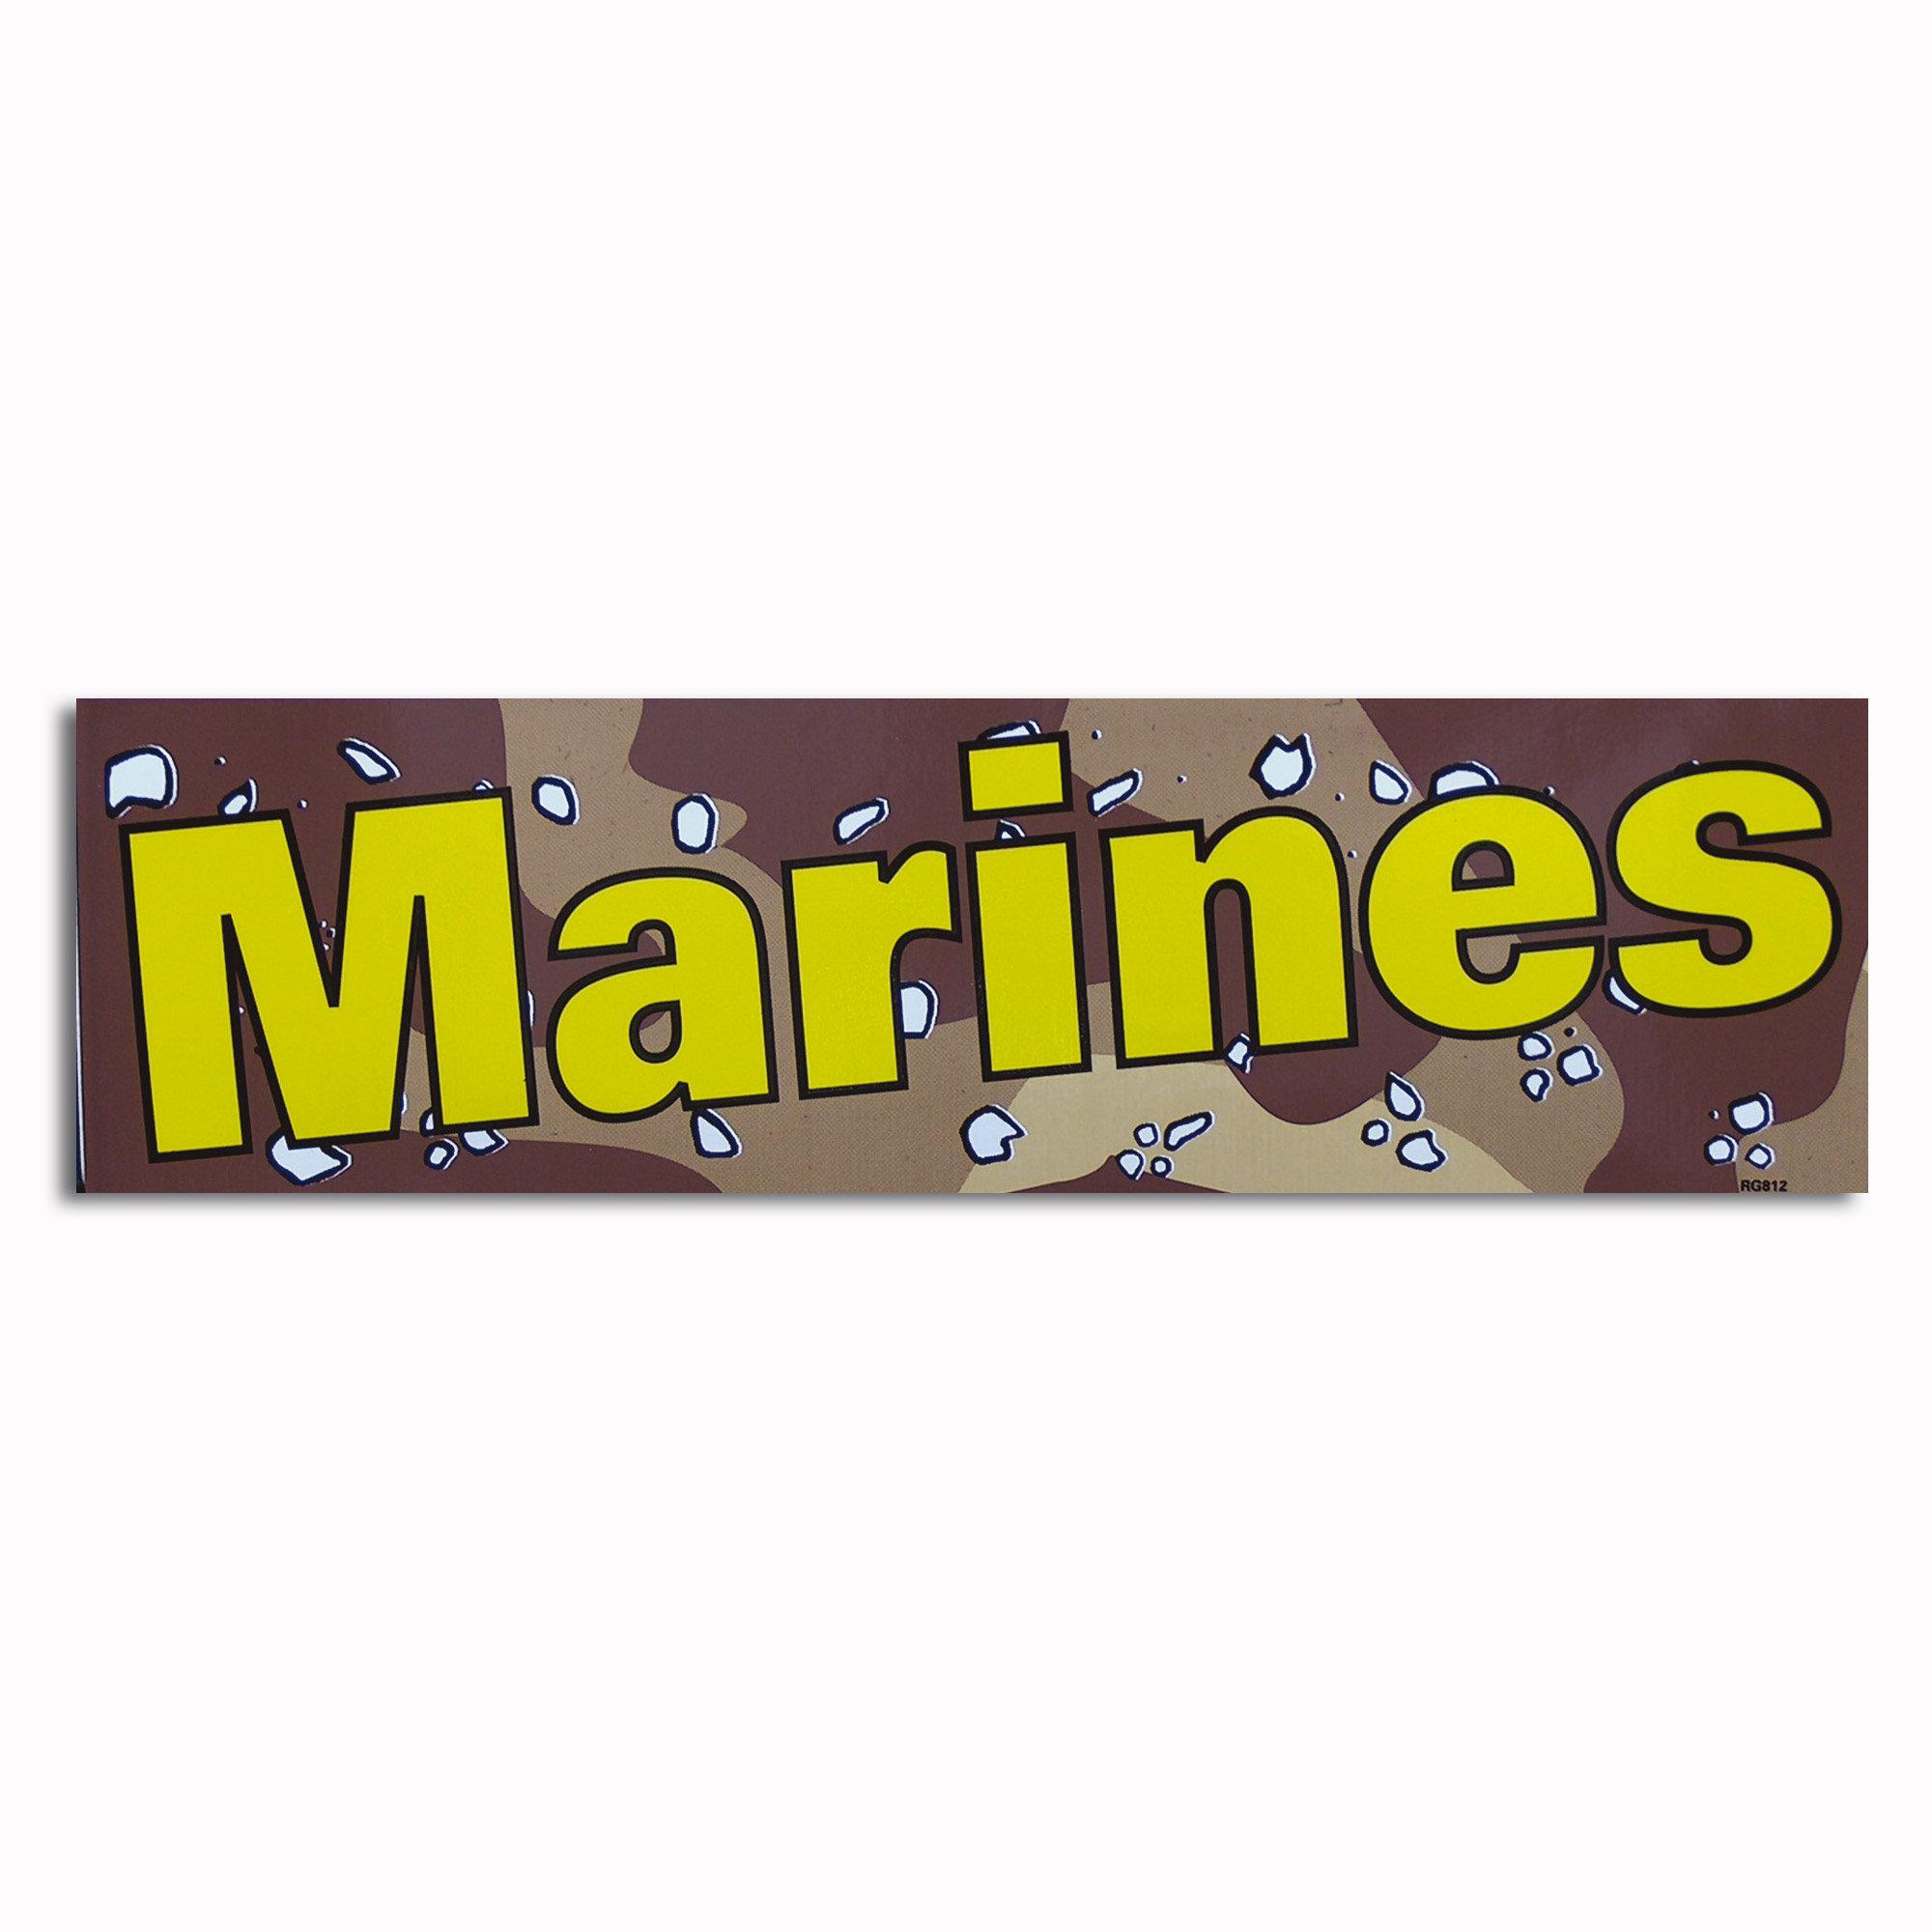 Bumper Sticker Marines desert